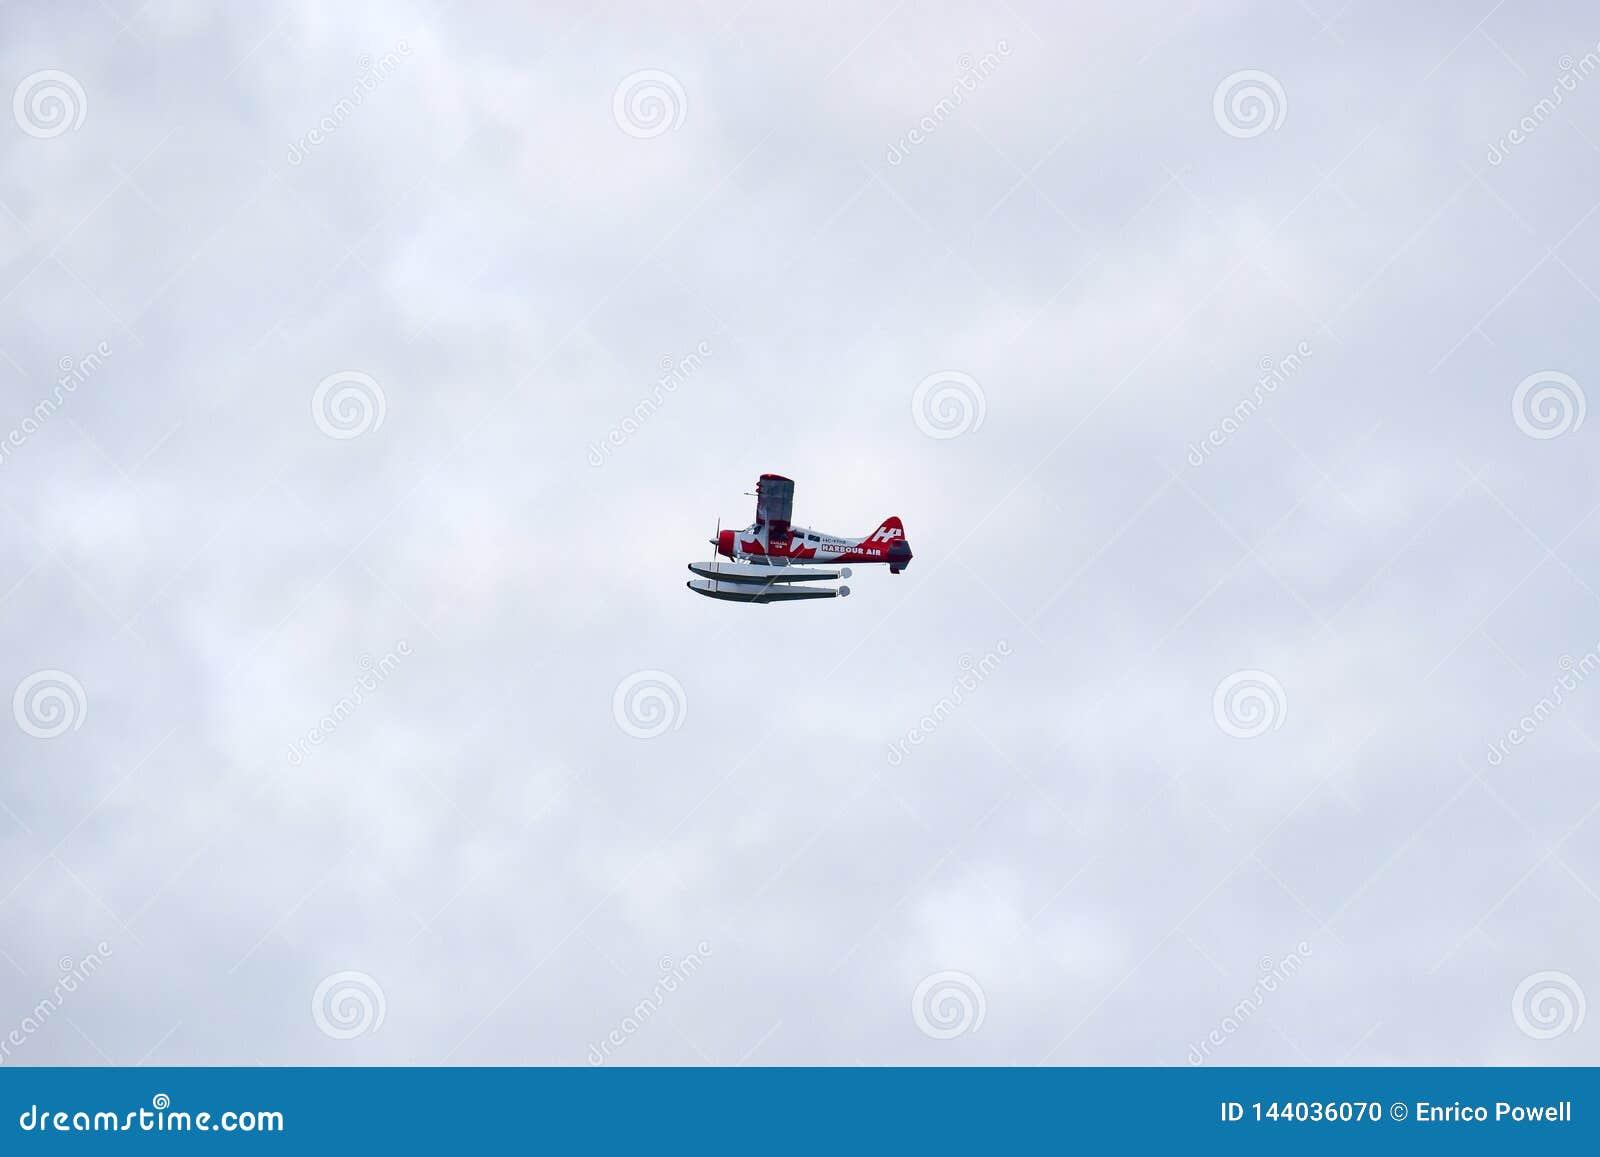 Röd och vit enkel sjöflygplan för utterhamnluft